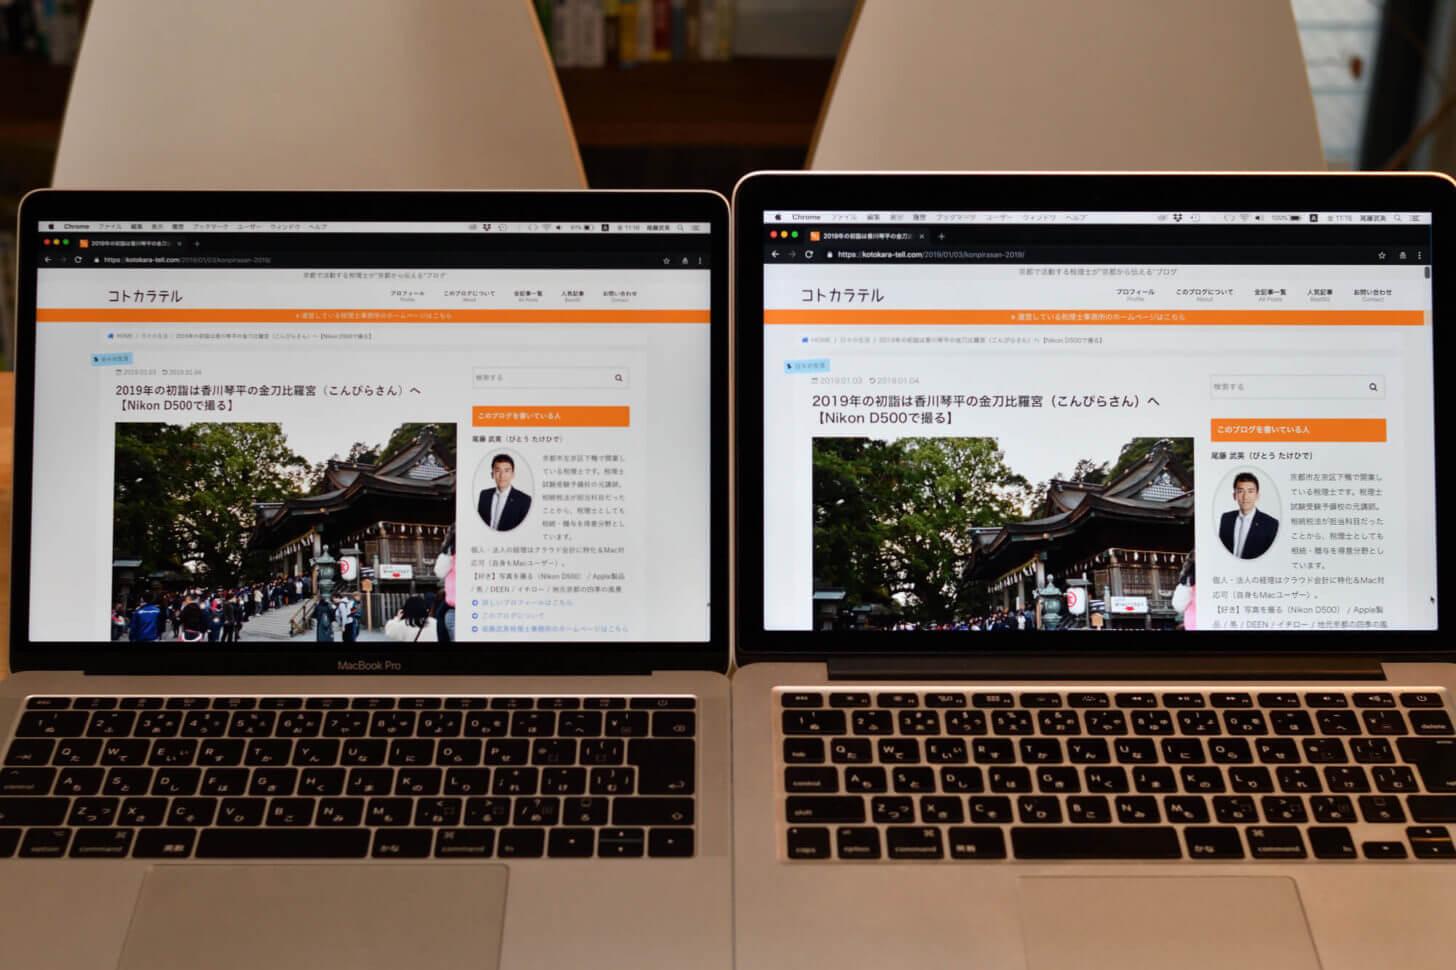 新旧MacBookProのディスプレイ比較